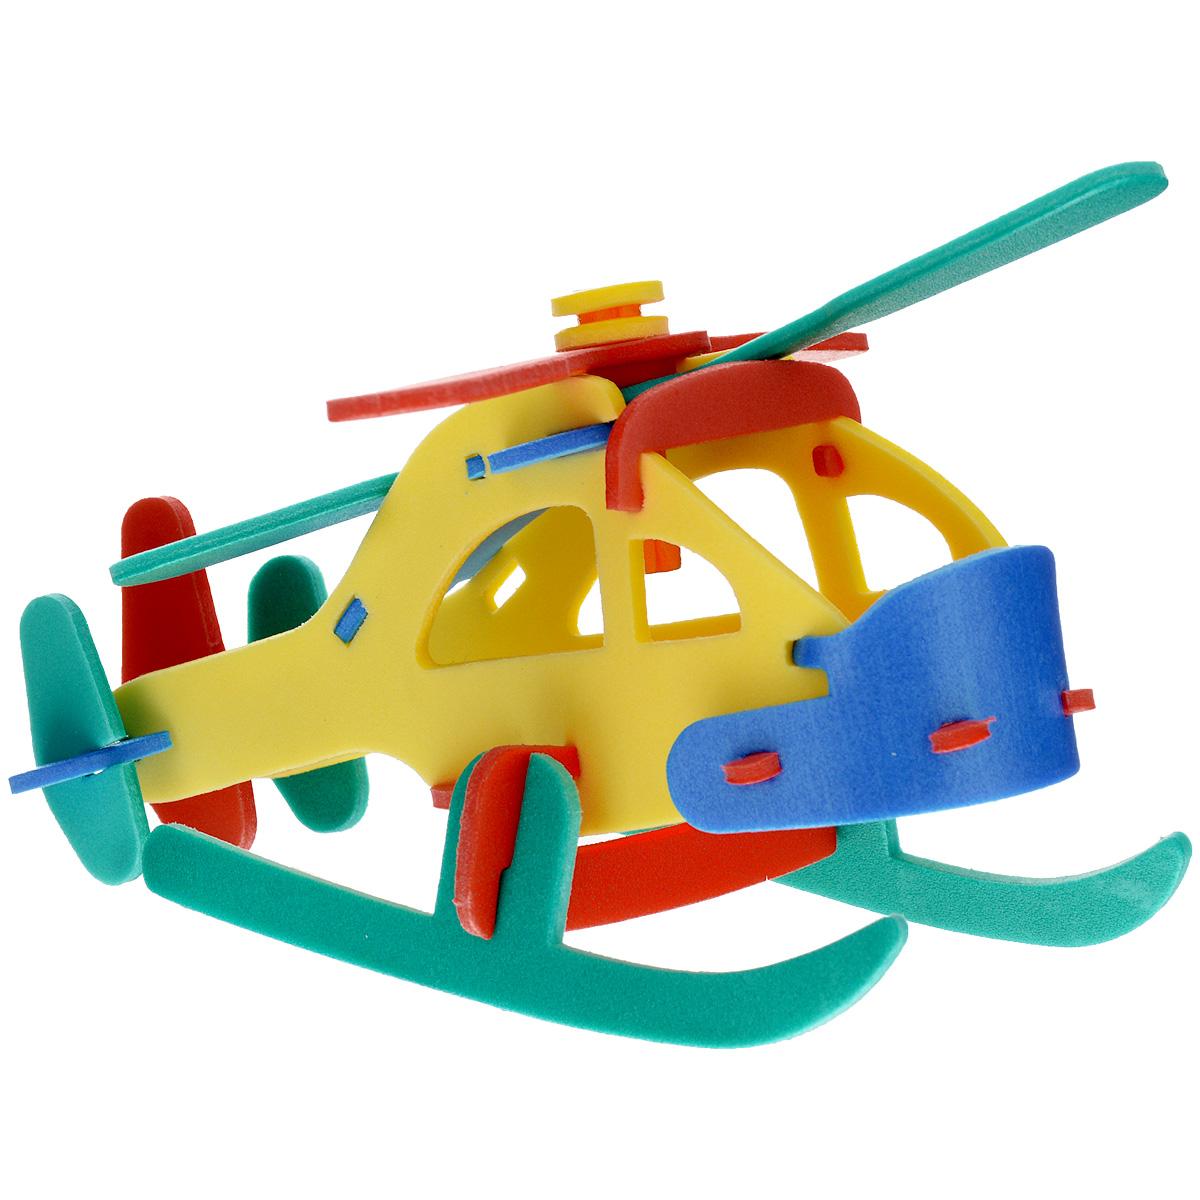 Флексика Мягкий конструктор Пассажирский вертолет45484Игрушки серии Мягкие конструкторы выполнены из мягкого, прочного, нетоксичного, абсолютно безопасного материала. Мягкие конструкторы развивают у ребенка память, воображение, моторику, пространственное и логическое мышление. Обучение происходит во время игры. Благодаря особой структуре материала и свойству прилипать к мокрой поверхности, они являются идеальной игрушкой для ванны. Такие простые малышевые конструкторы не менее полезны чем взрослые. Они дают здоровую и интересную пищу для ума, и при этом безопасны в еще неумелых детских ручках.